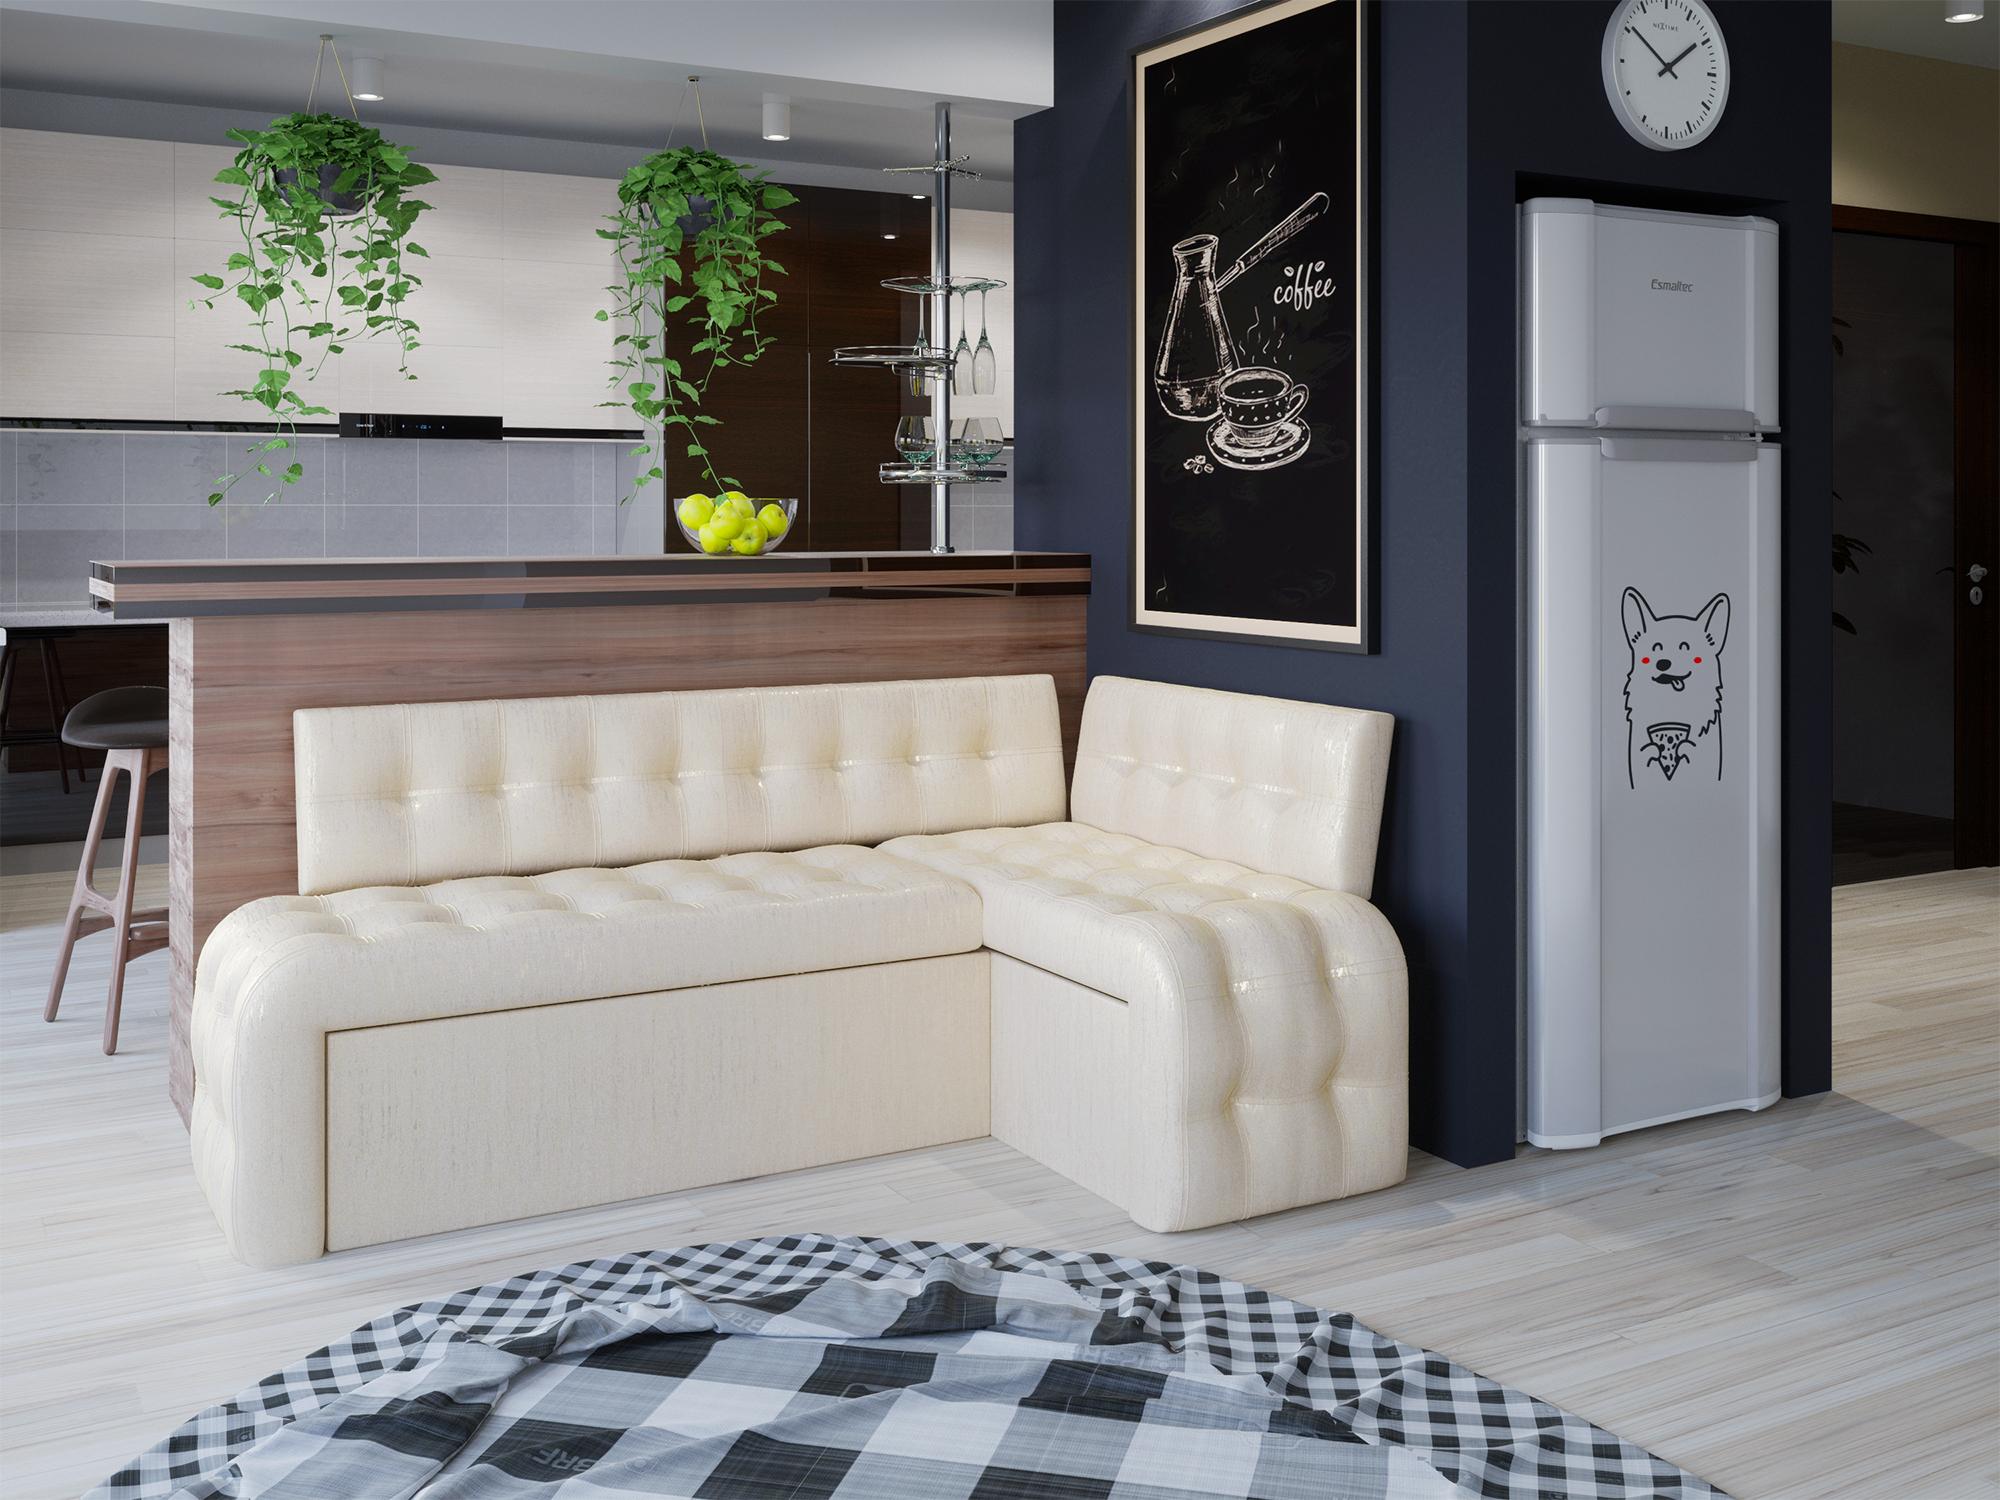 диван со спальным местом на кухню идеи фото